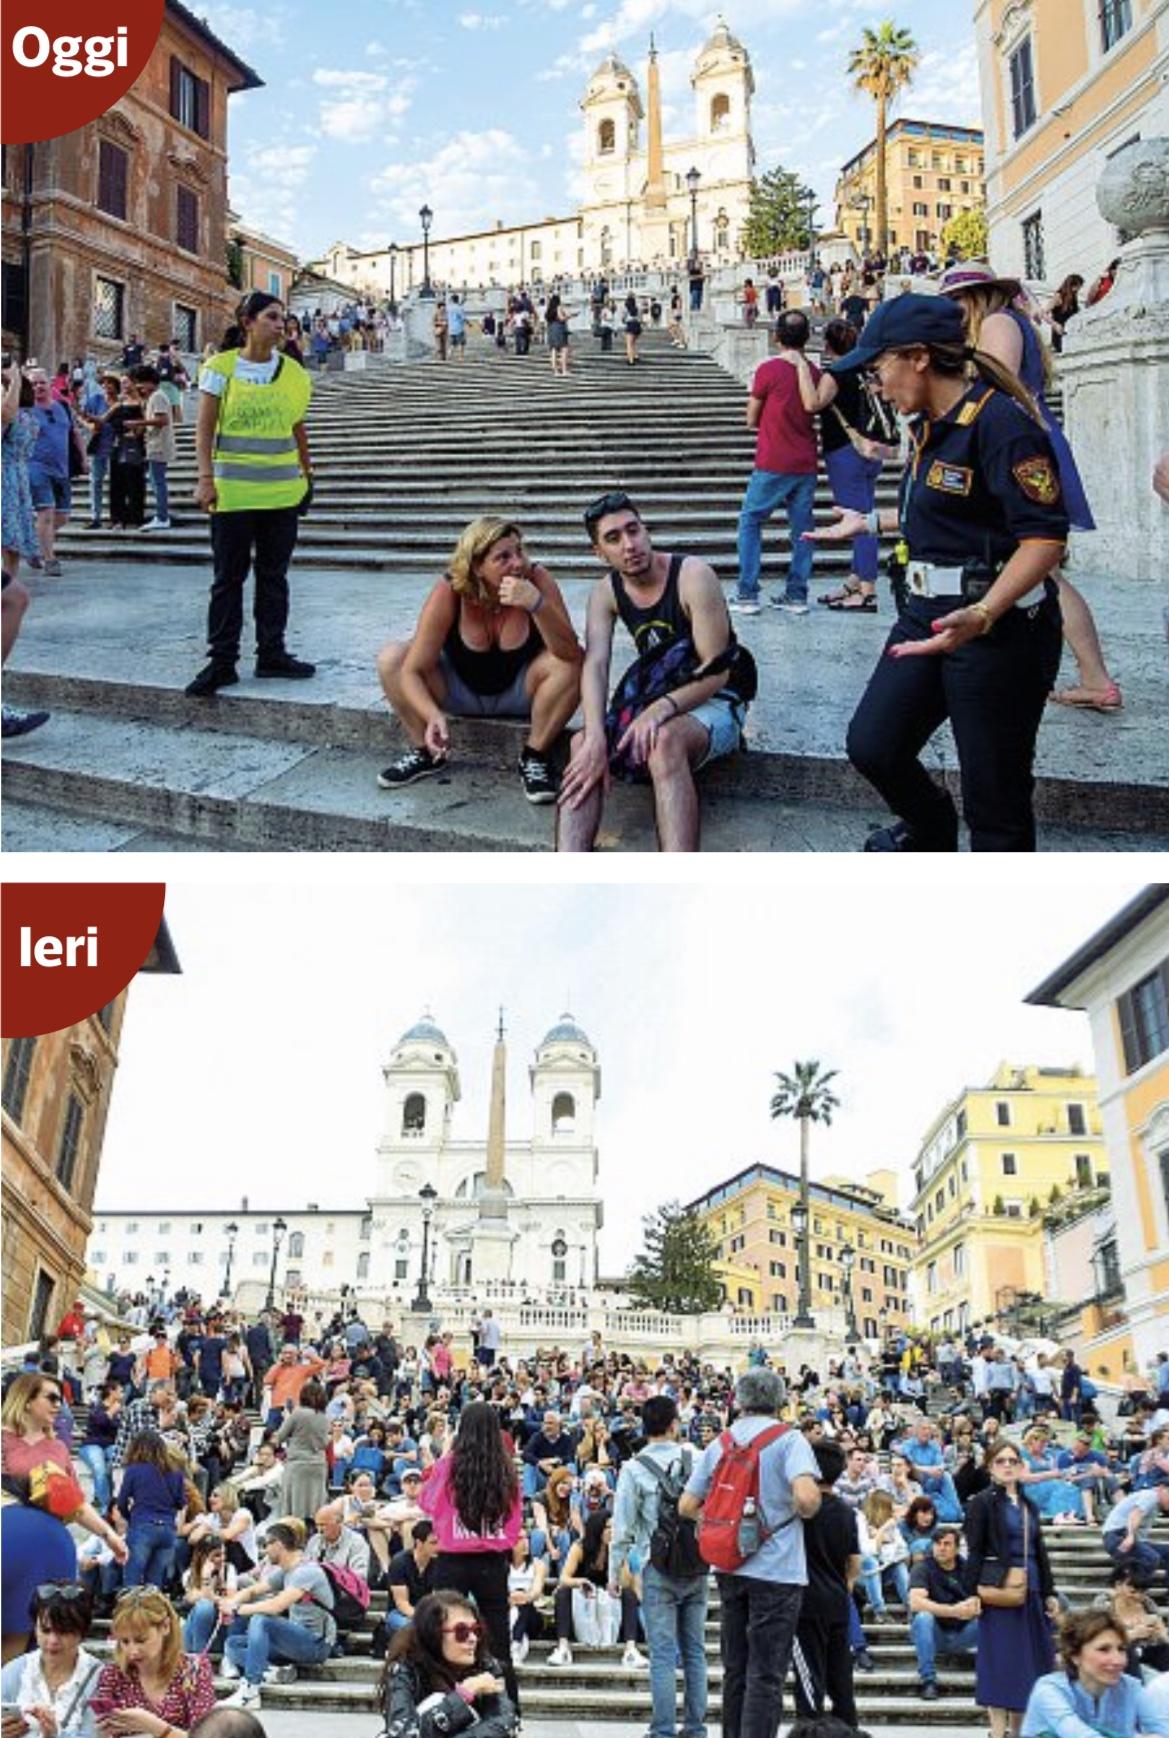 打卡可以,别坐下!游客坐在西班牙阶梯上或面临最高400欧罚款